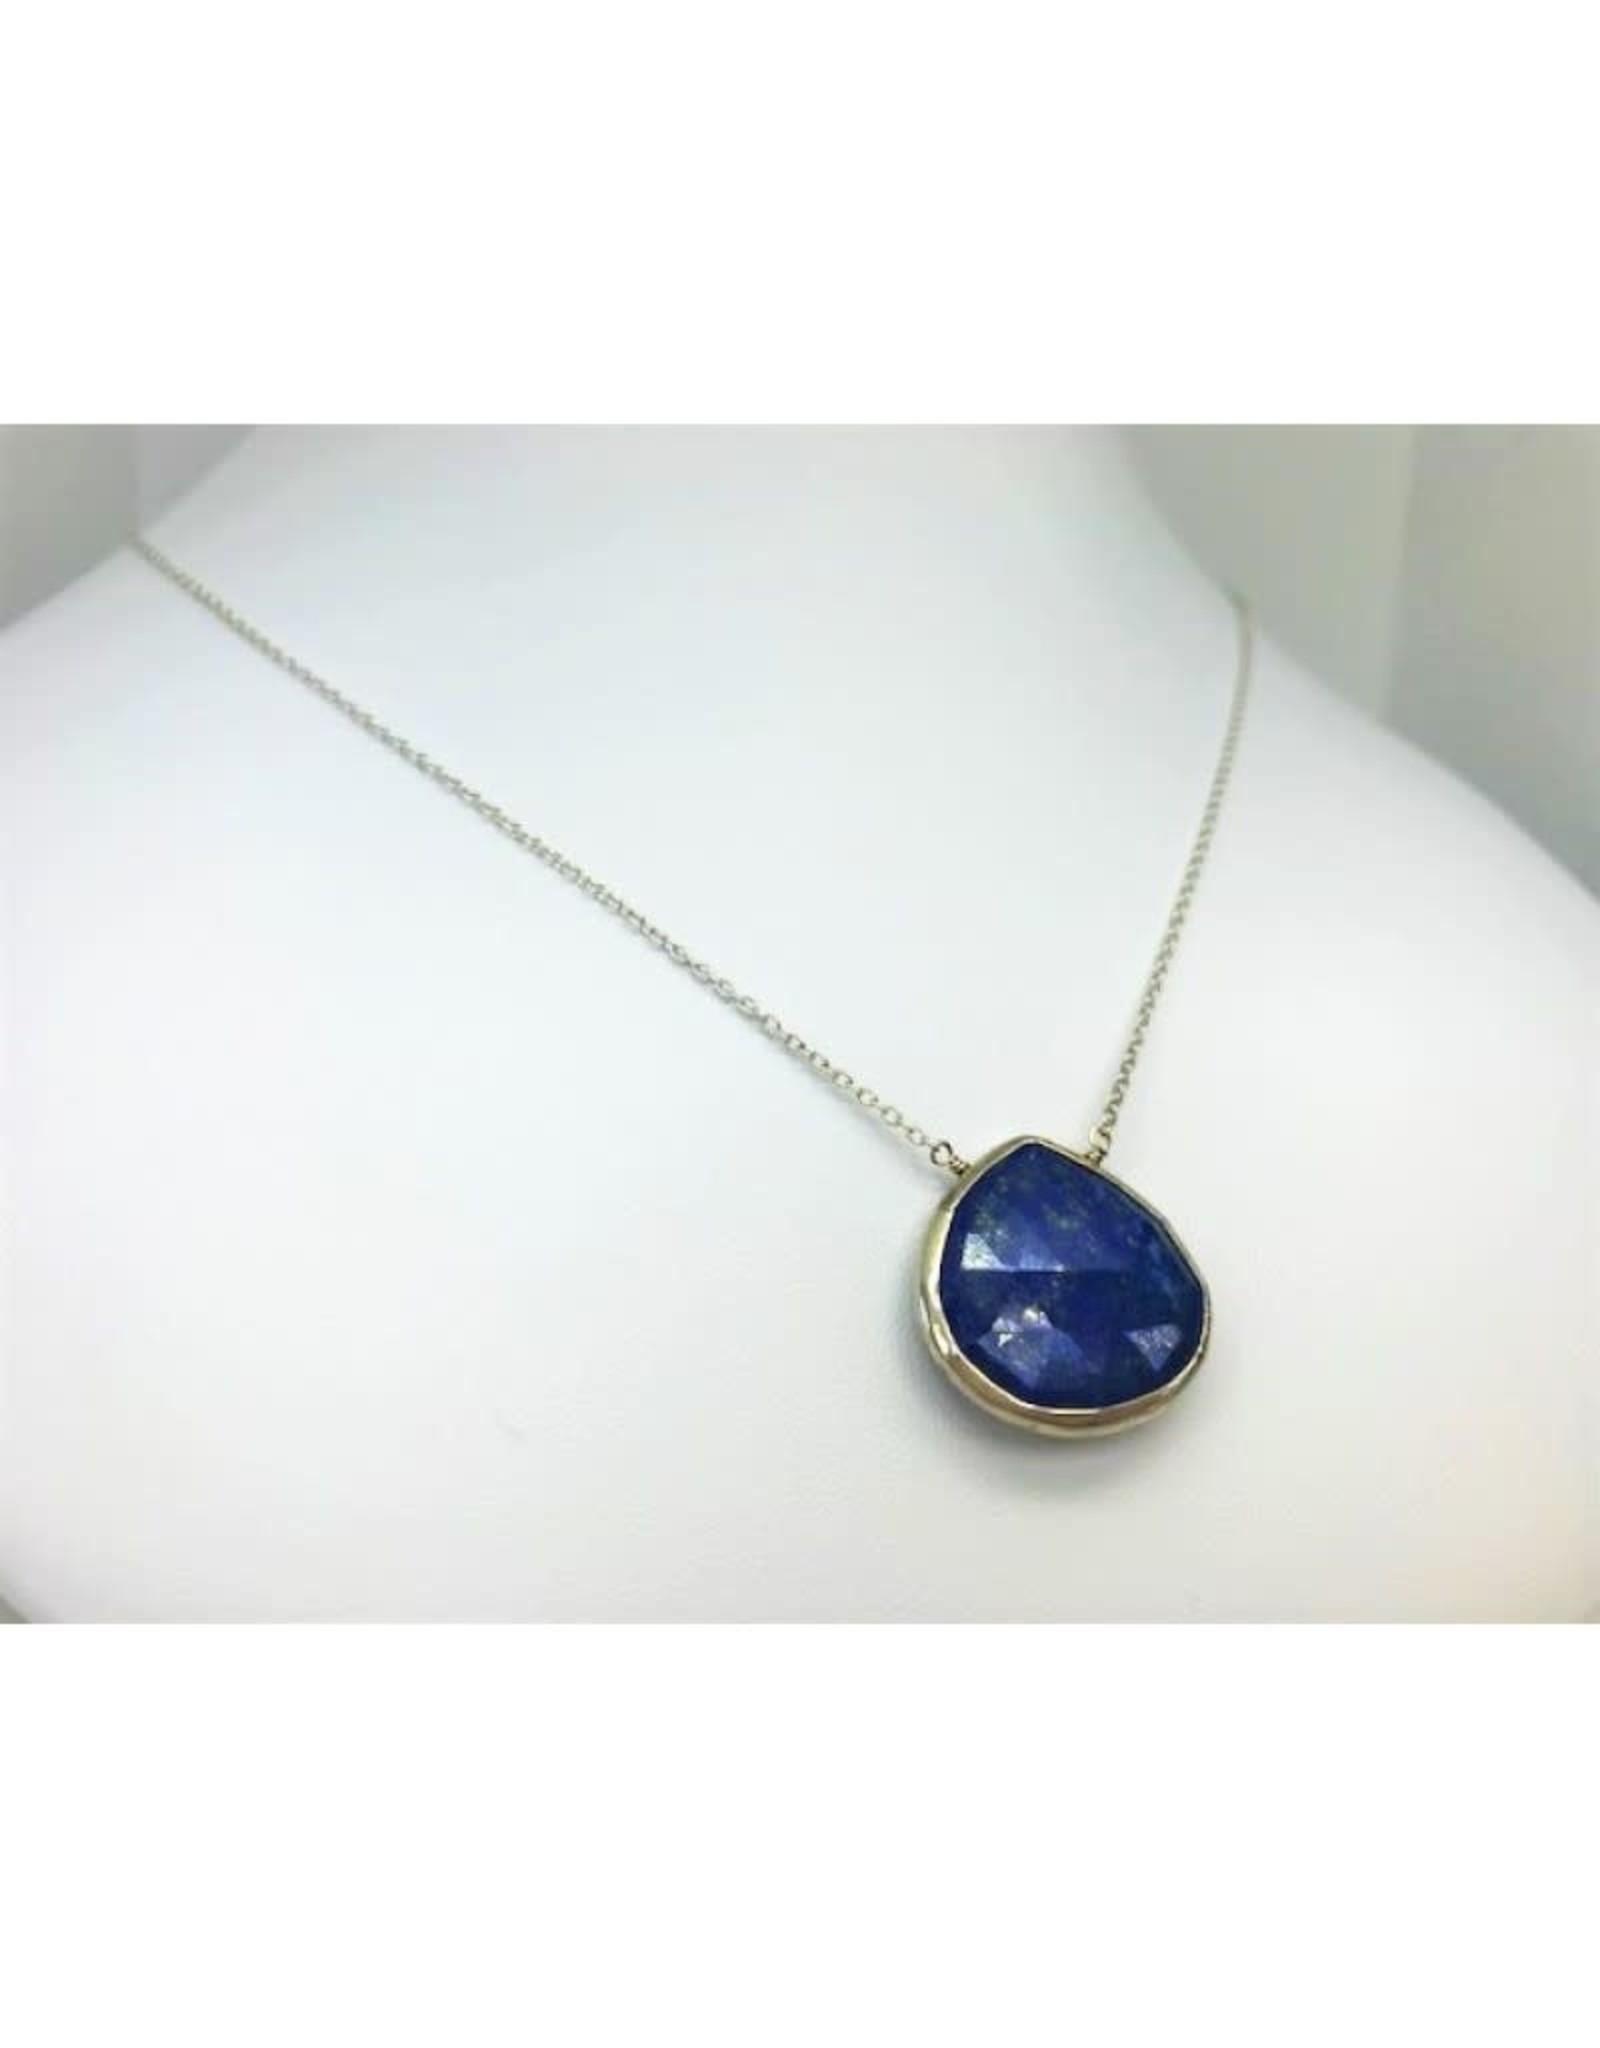 Lapis Pendant Necklace - Silver